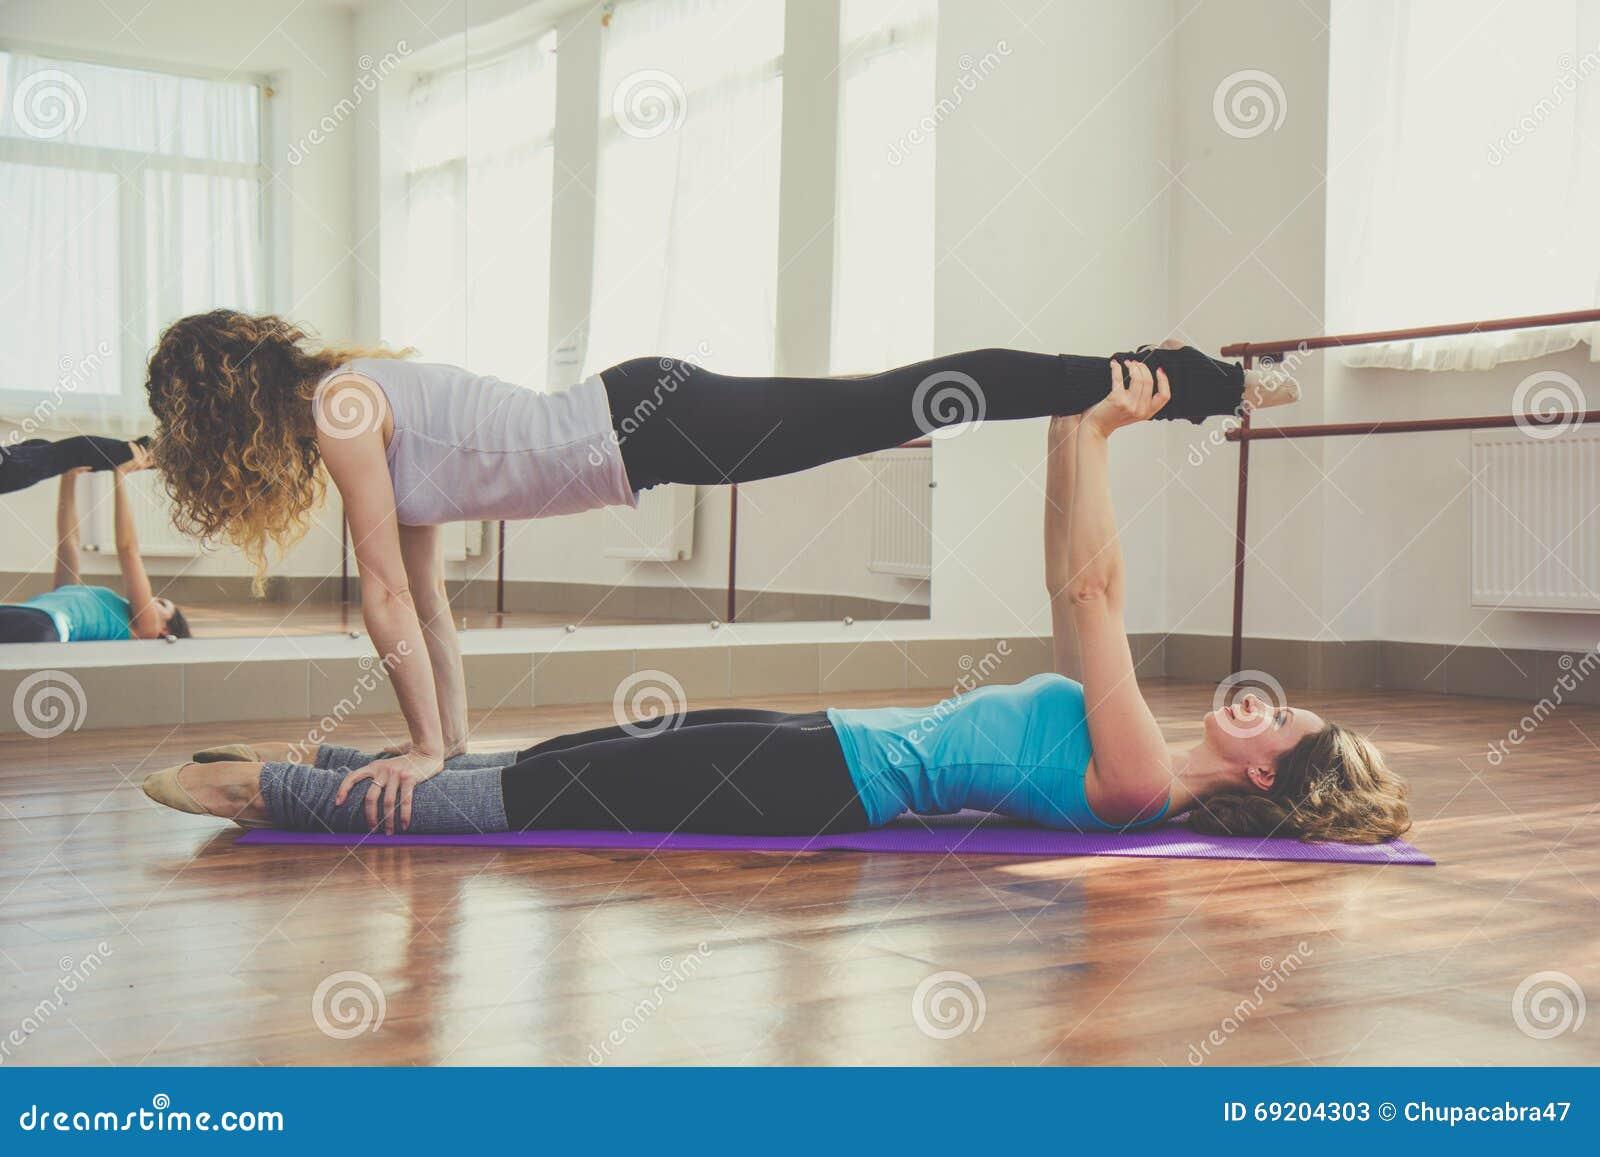 Zwei Frauen Tun Yoga Zuhause Stockbild - Bild von freunde ...